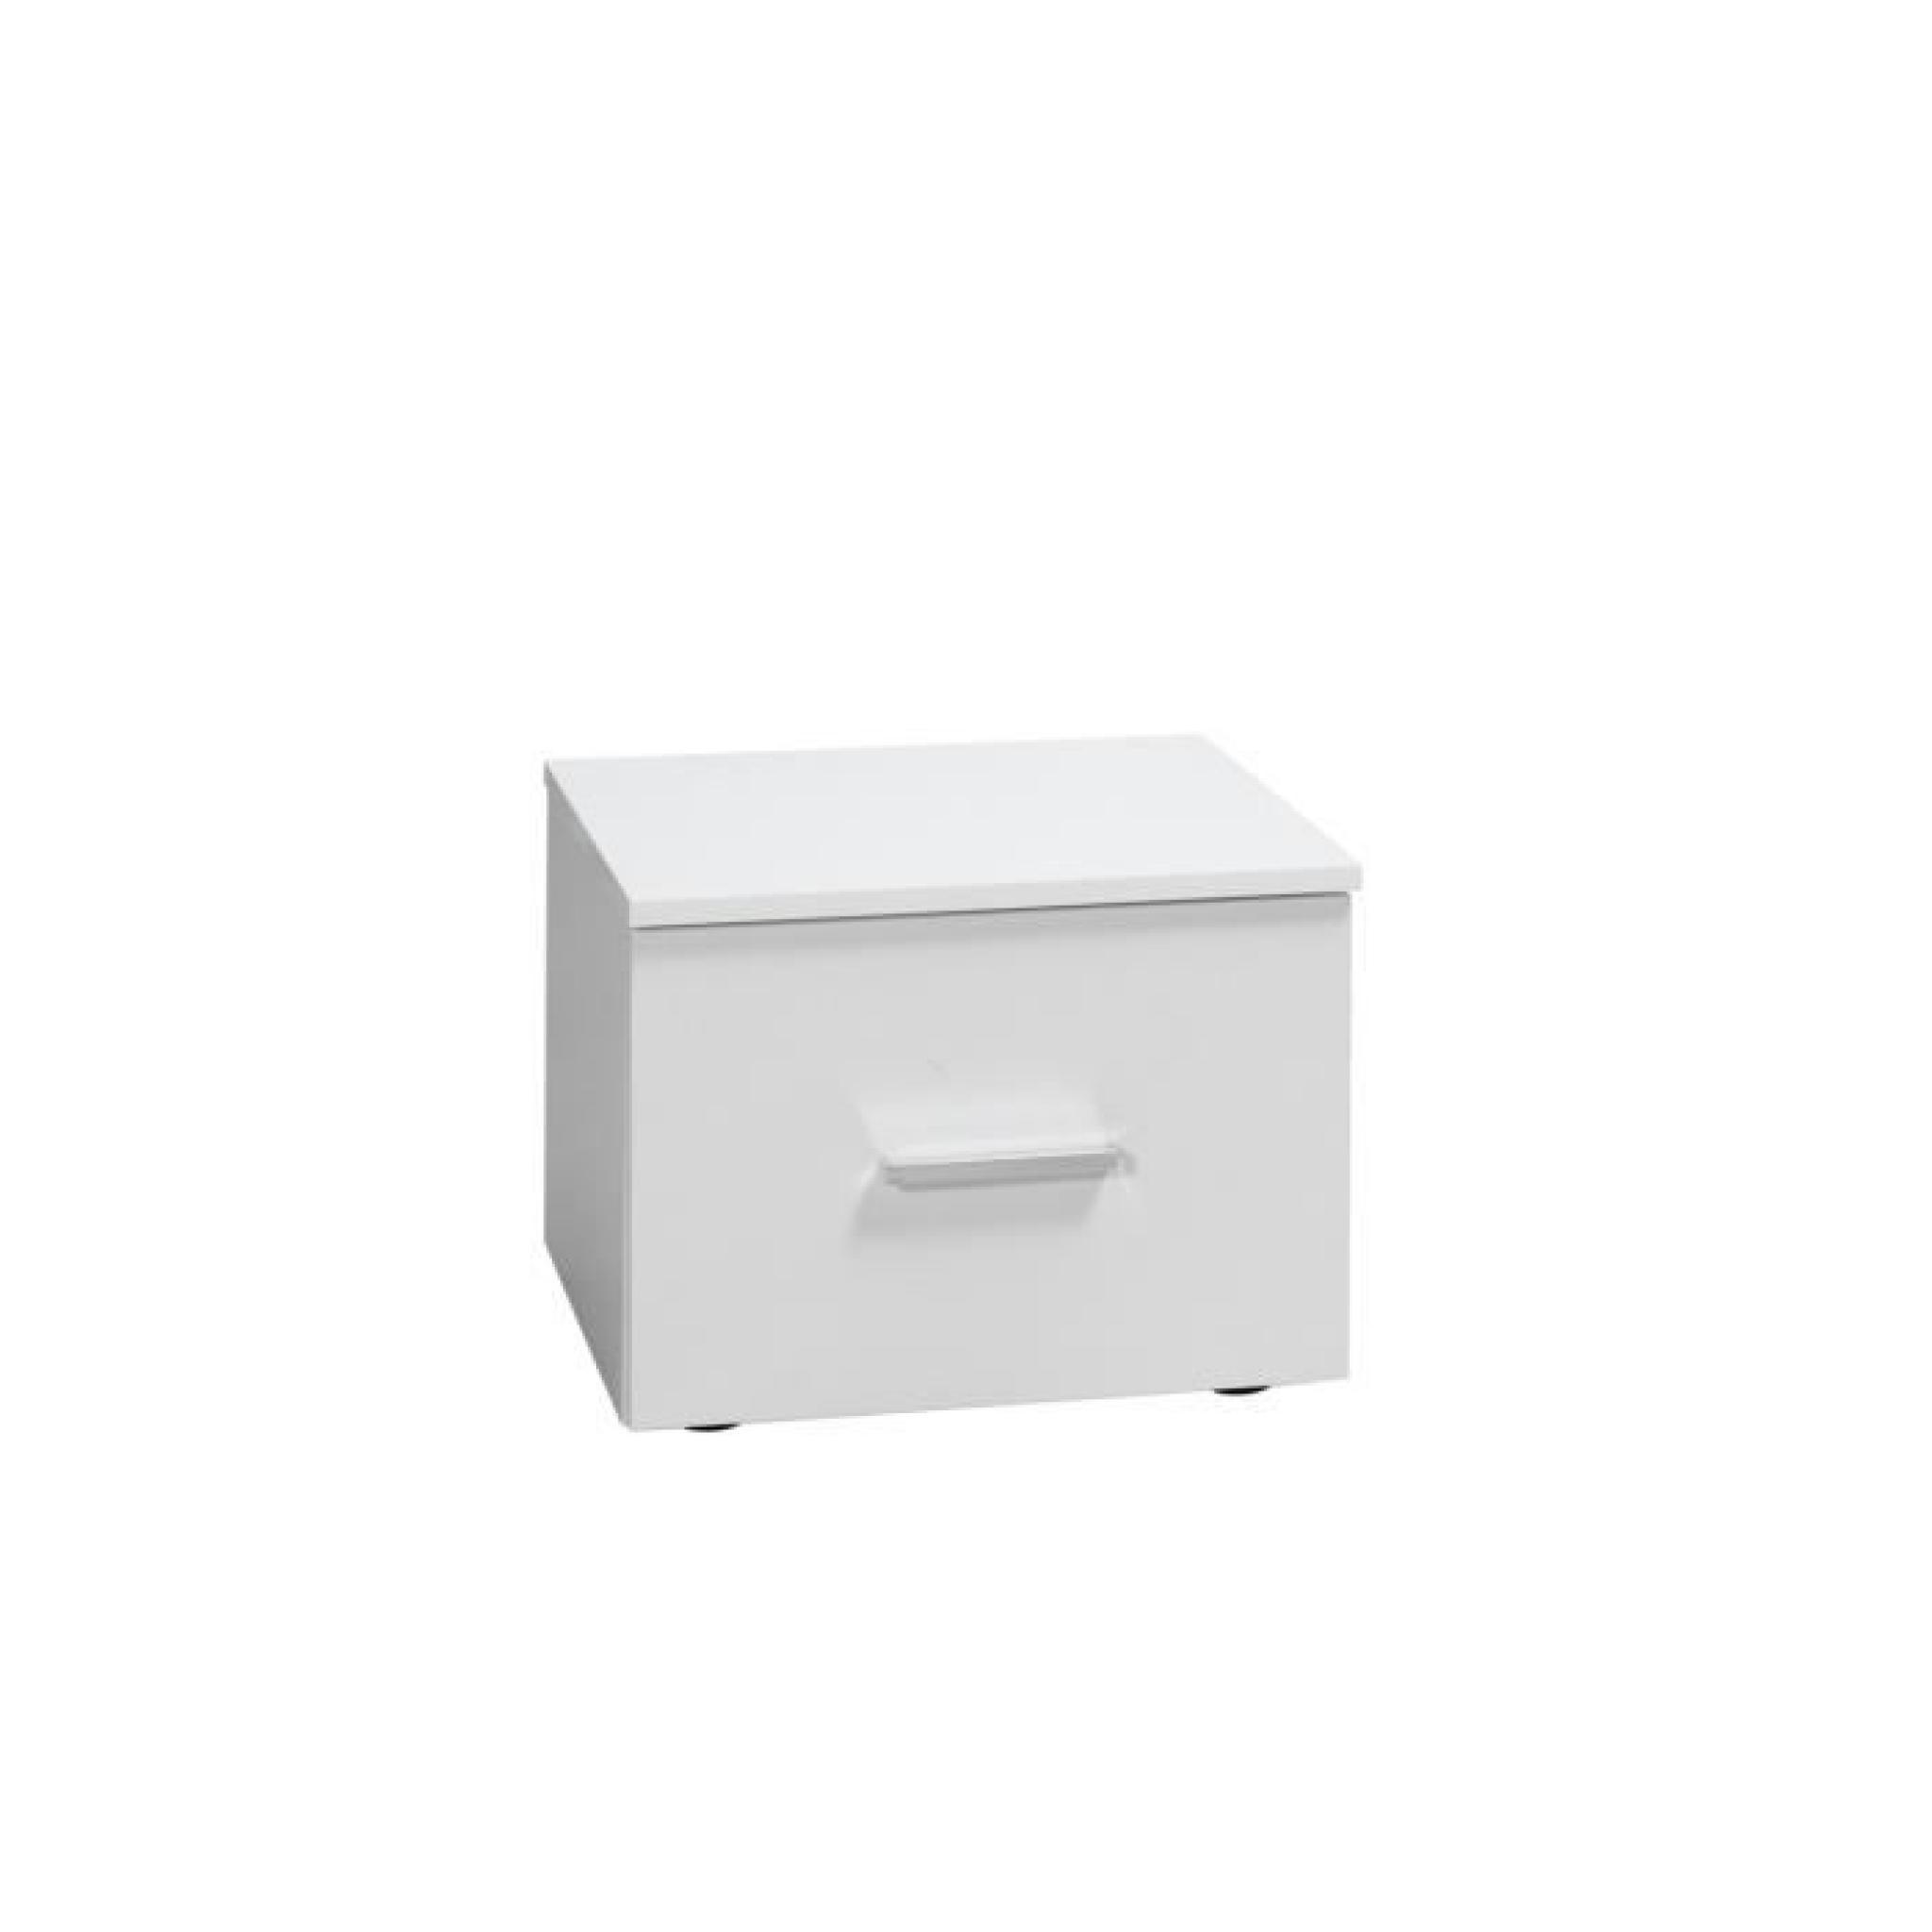 Lit led chevets commode panarea blanc laqu achat vente chambre complet - Console blanc laque pas cher ...